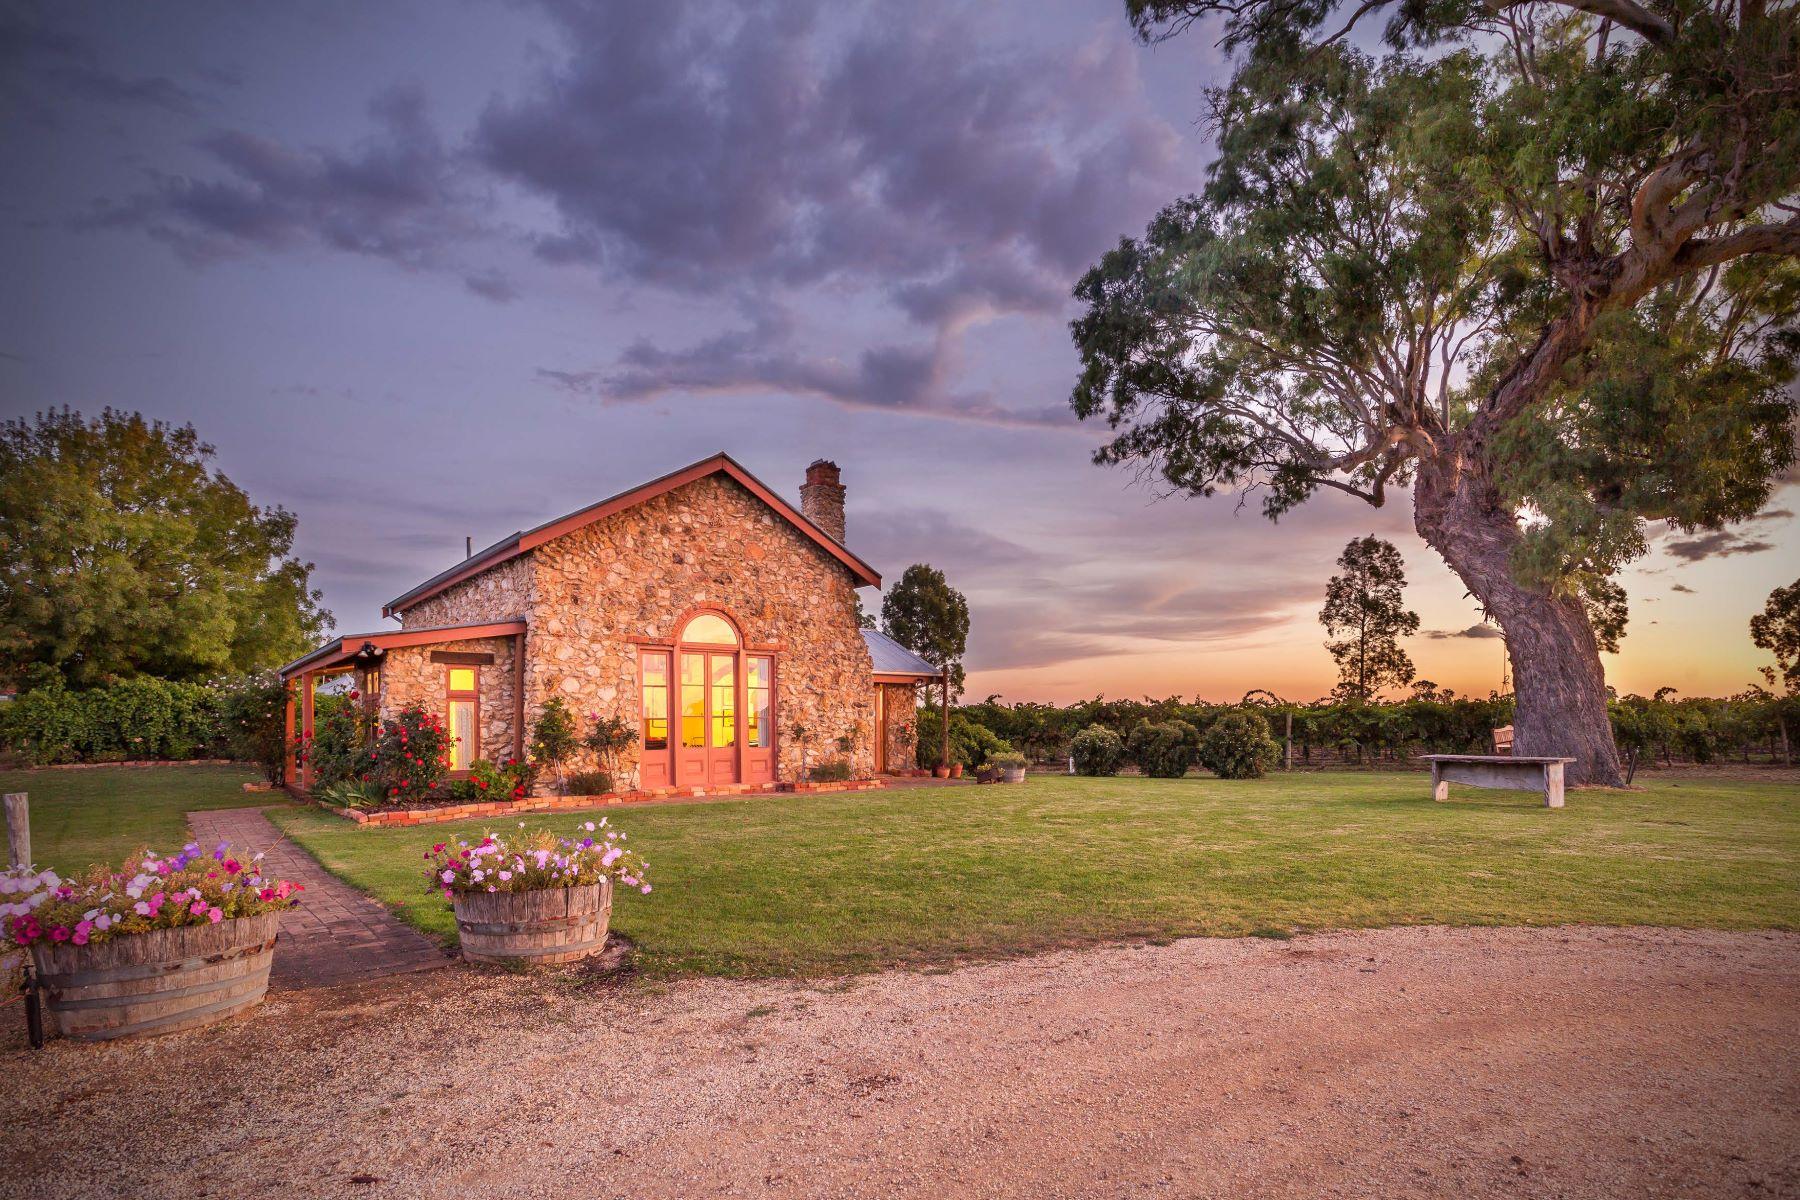 Виноградник для того Продажа на Highbank Coonawarra, South Australia, Австралия